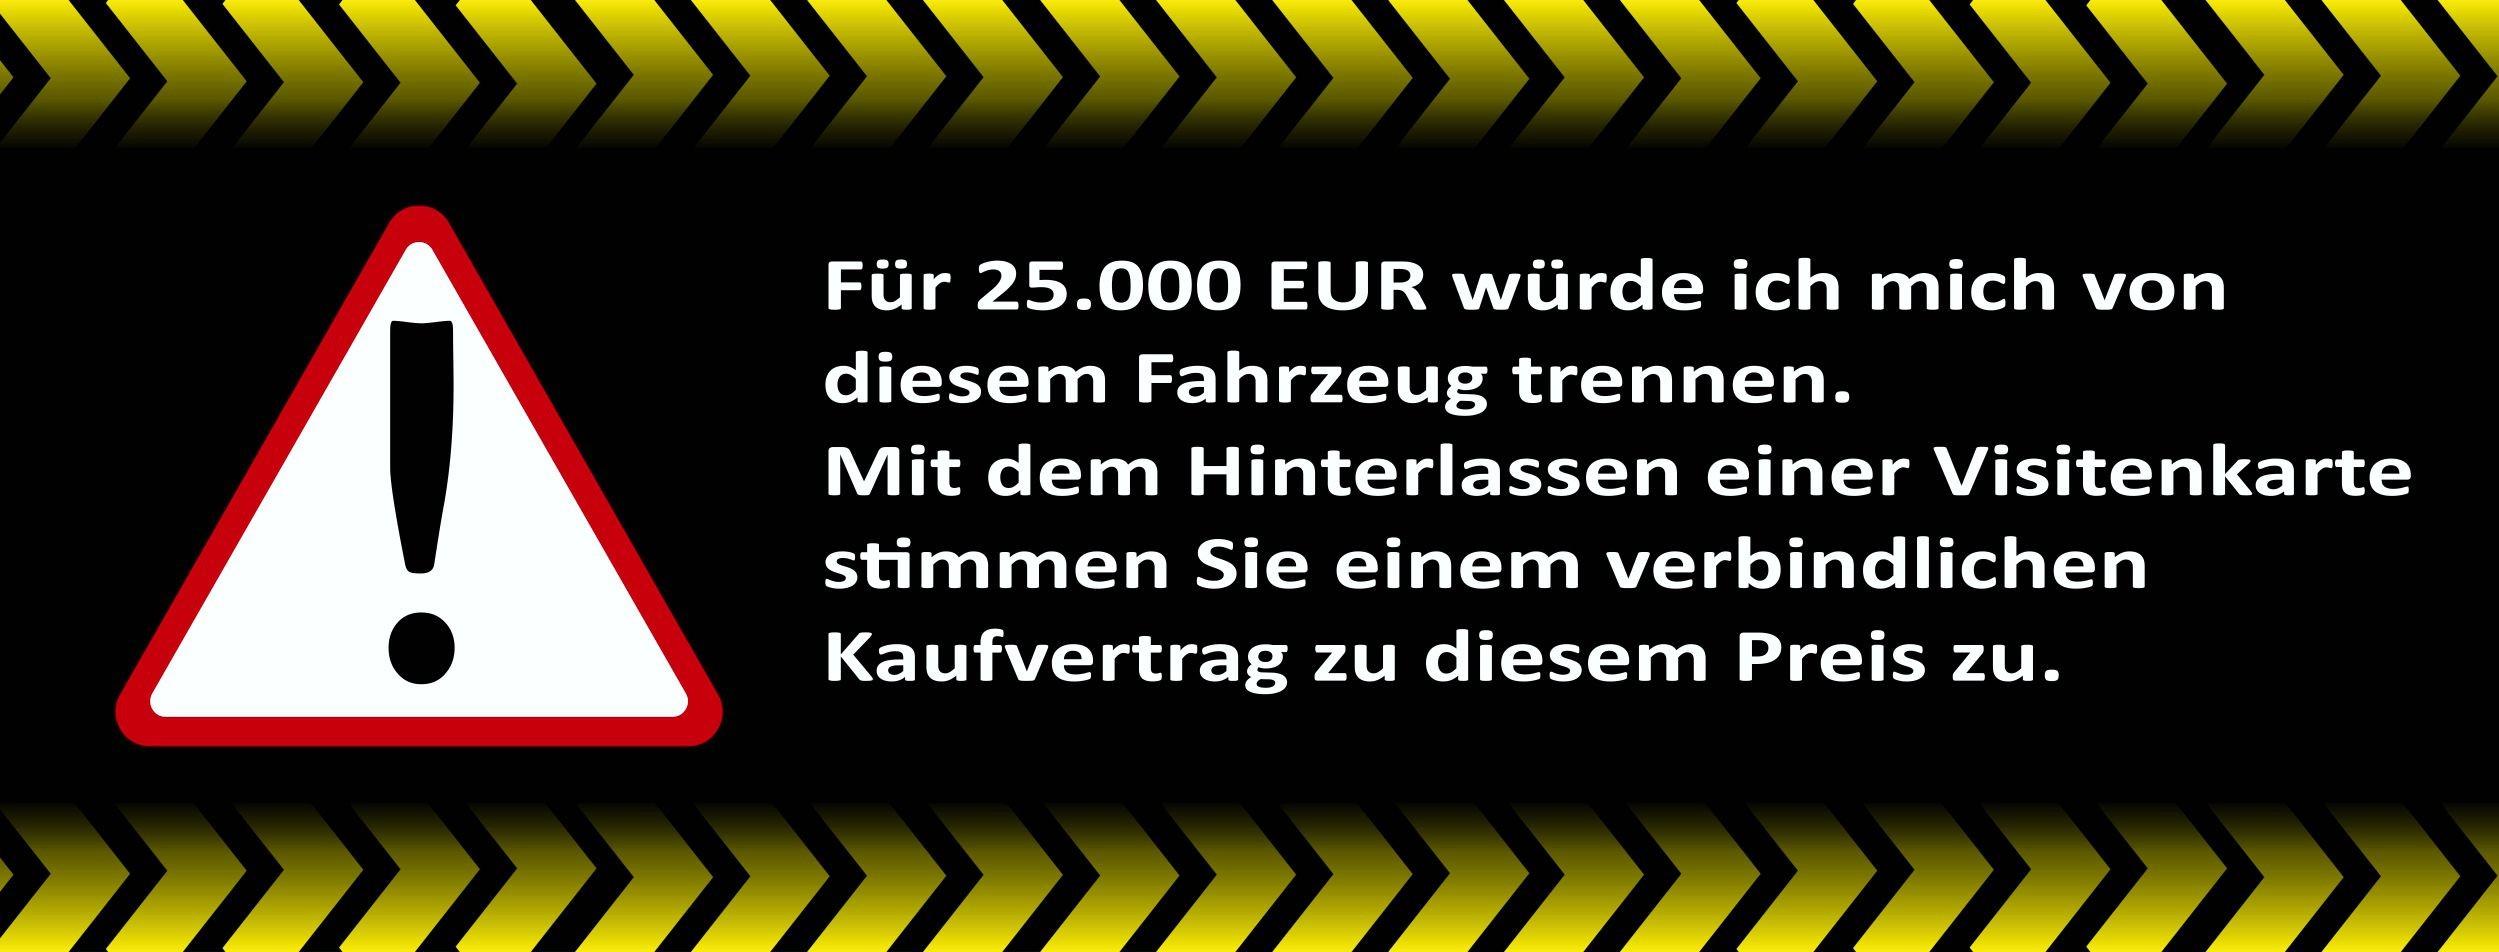 Aufkleber Für 25.000 EUR ... schwarz 105 x 45 mm – Bild 1